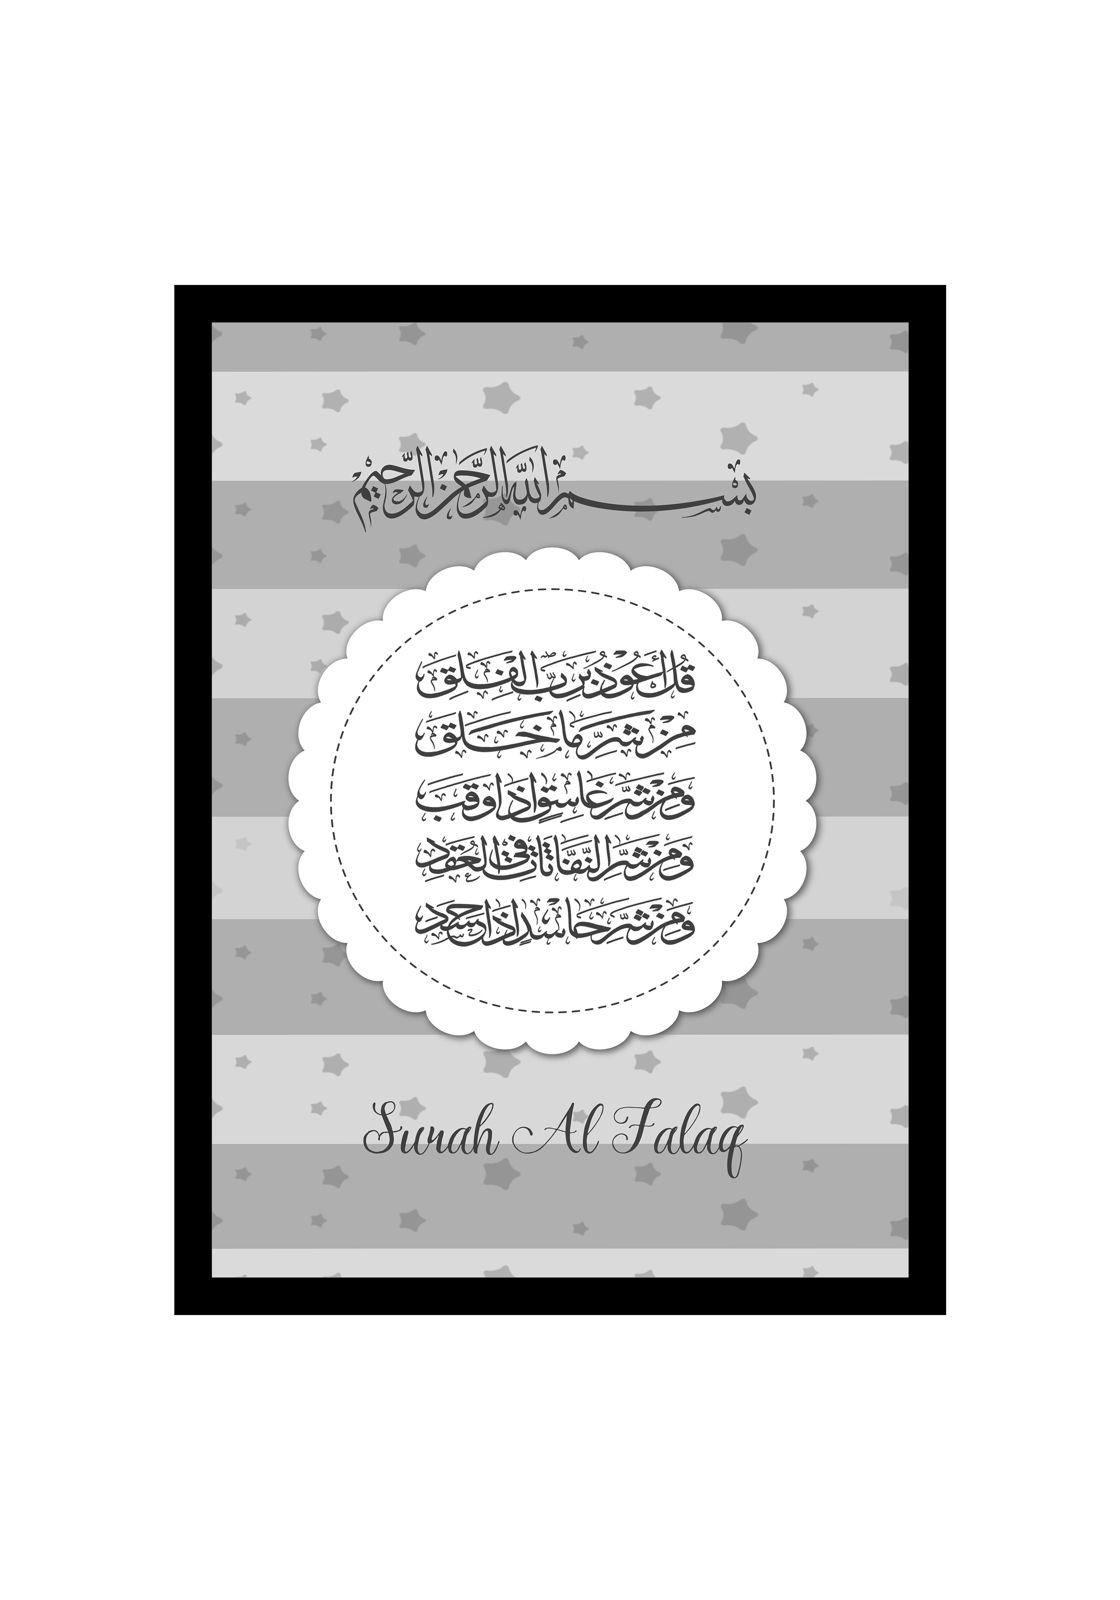 surah al falaq_opt